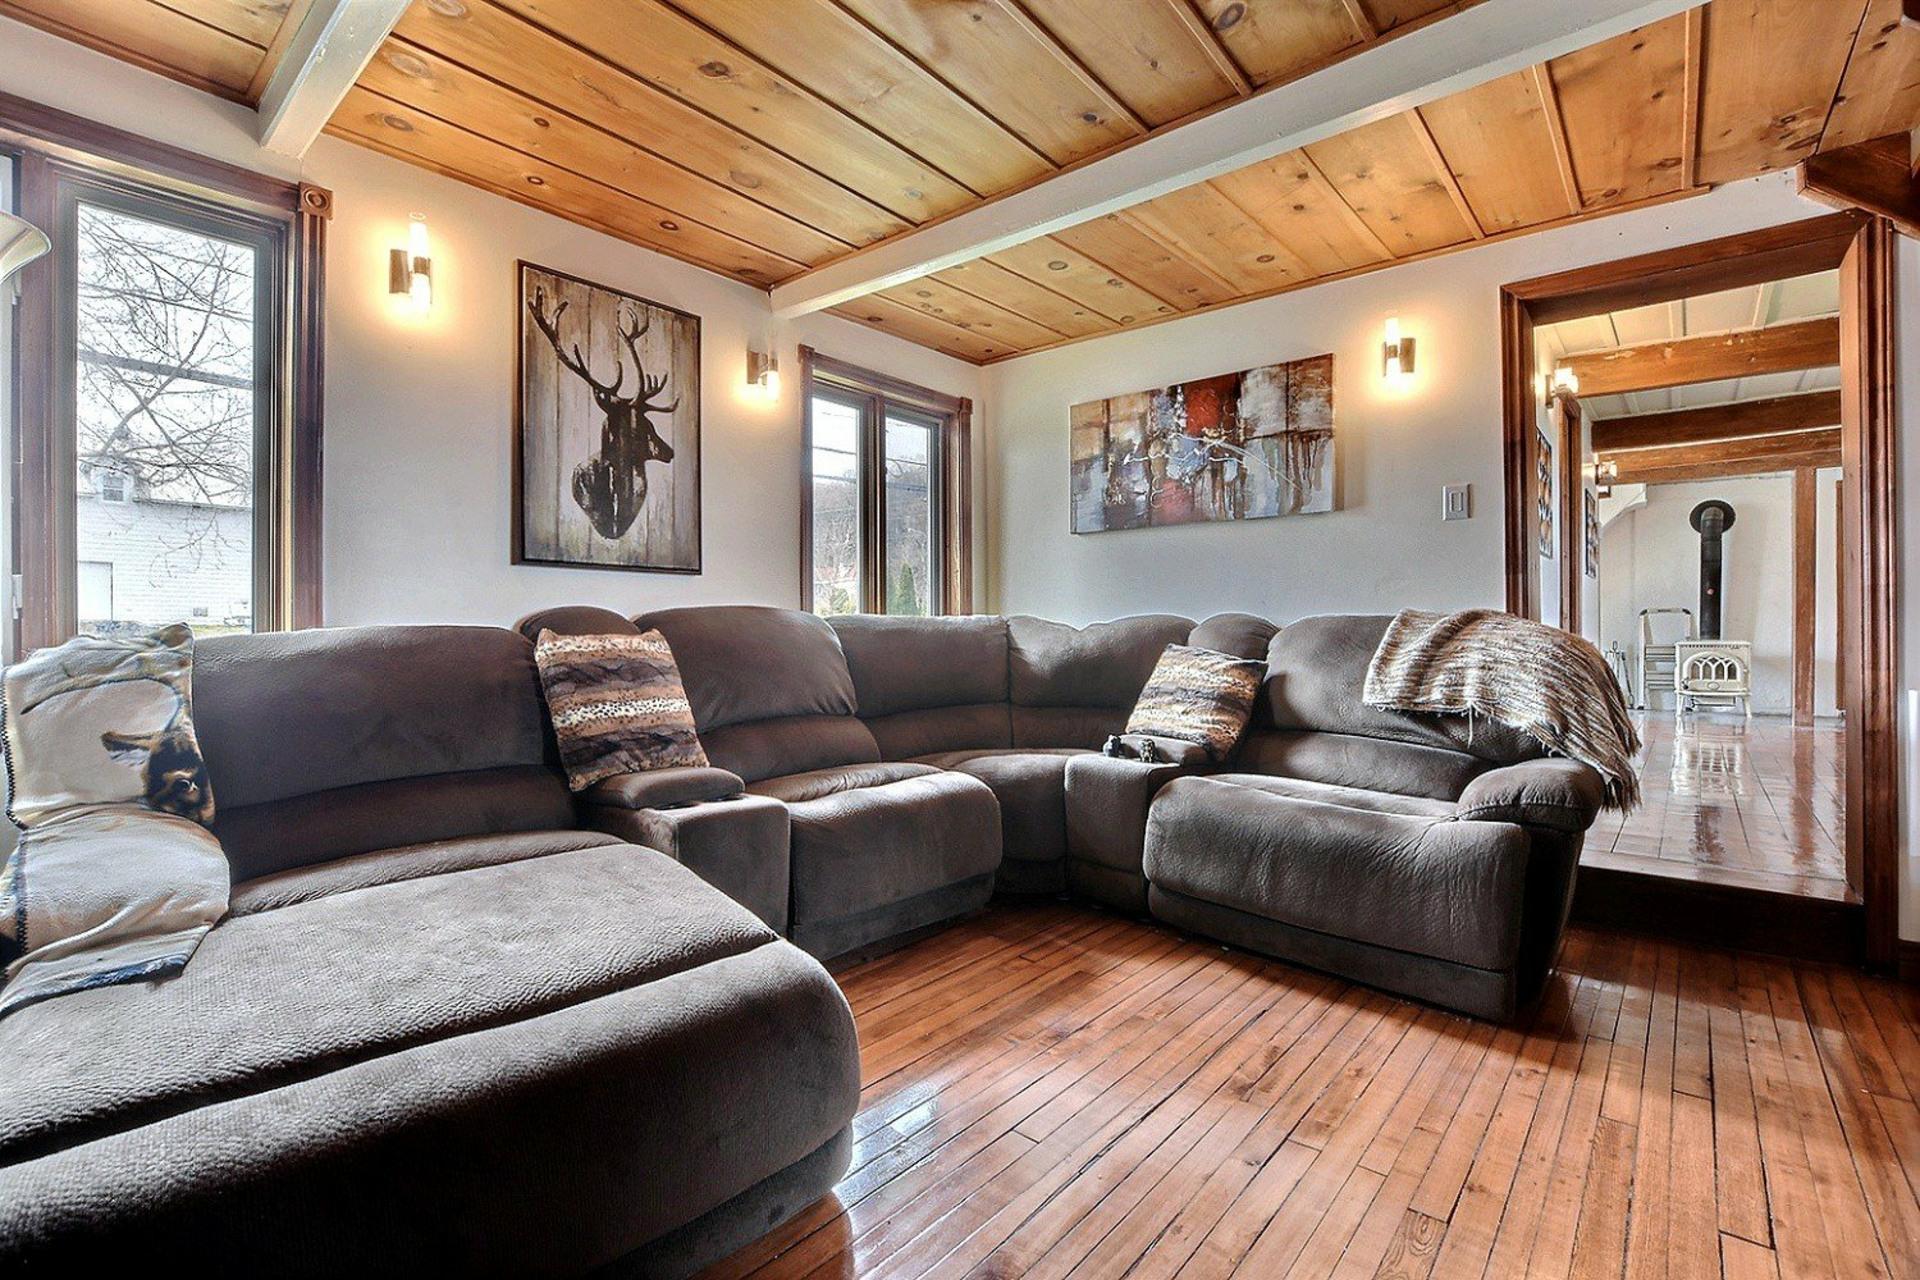 image 6 - Maison À vendre Saint-Joseph-du-Lac - 8 pièces